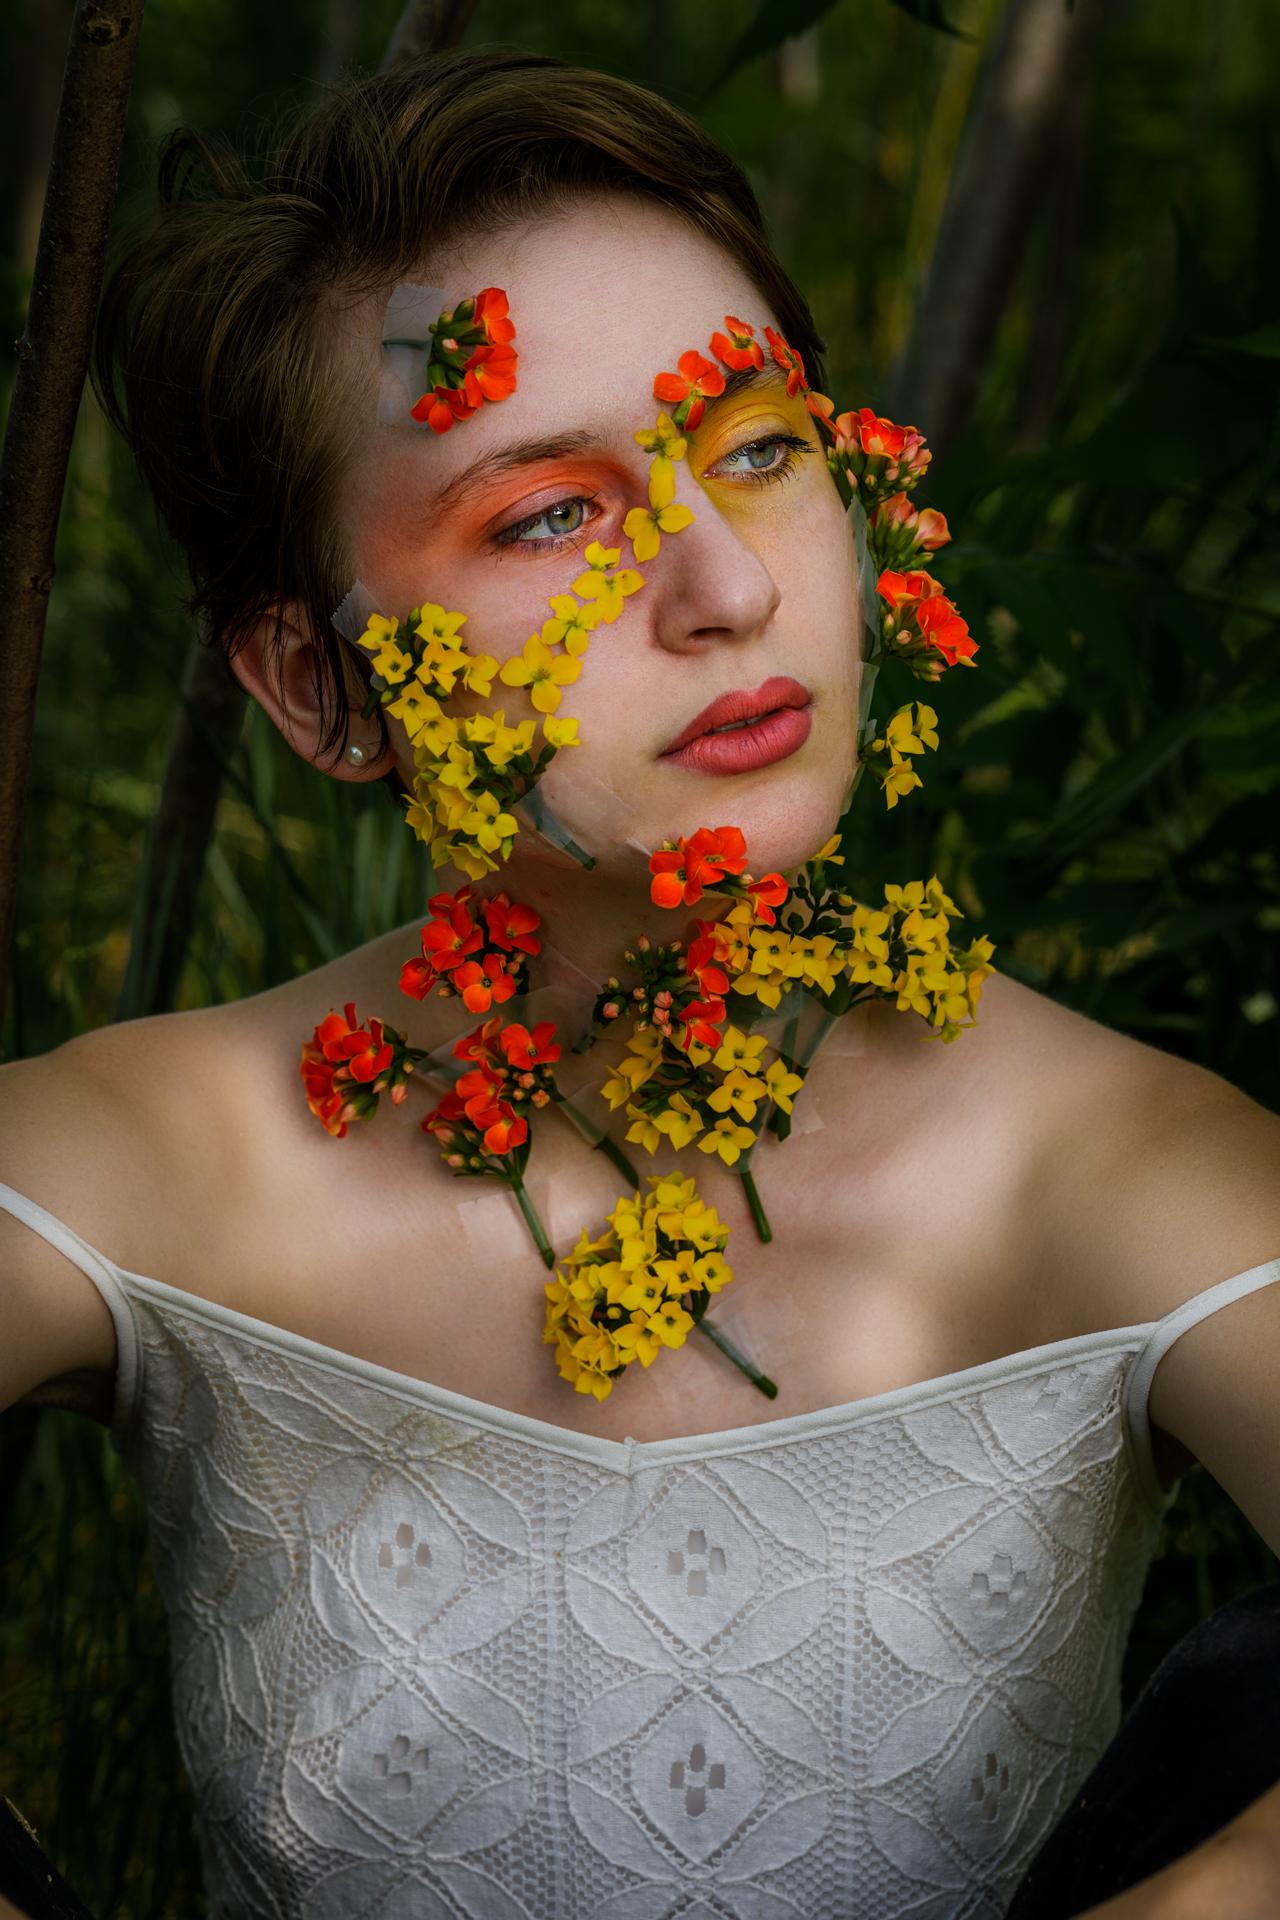 CFrenette-Gabrielle et les fleurs-7-12